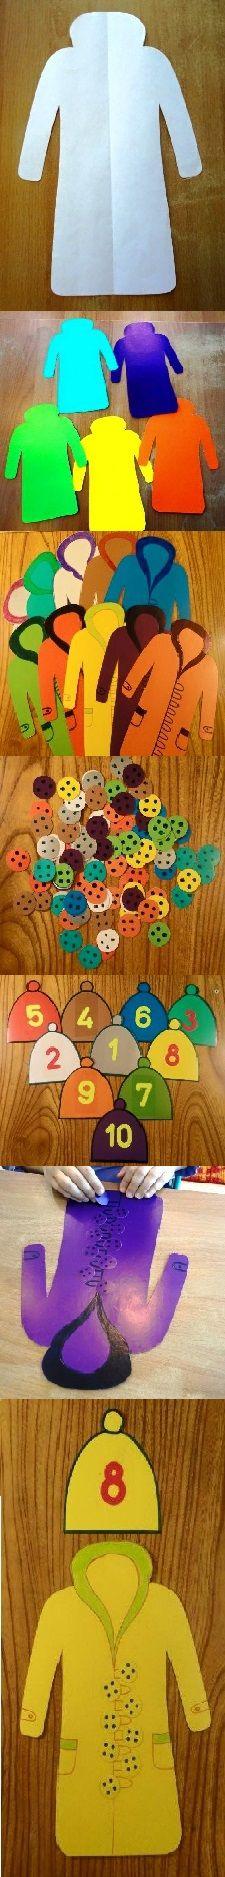 Дидактическая игра по математике «Пришей» пуговицы к пальто»  Игра проводится, как индивидуально, так и с подгруппой детей. Играя, дети закрепляют счет в пределах 10, развивают умение распознавать цифры, закрепляют умение соотносить количество с числом, развивают умение соотносить предметы по цвету. Игра способствует развитию мелкой моторики, развитию внимания и логического мышления.